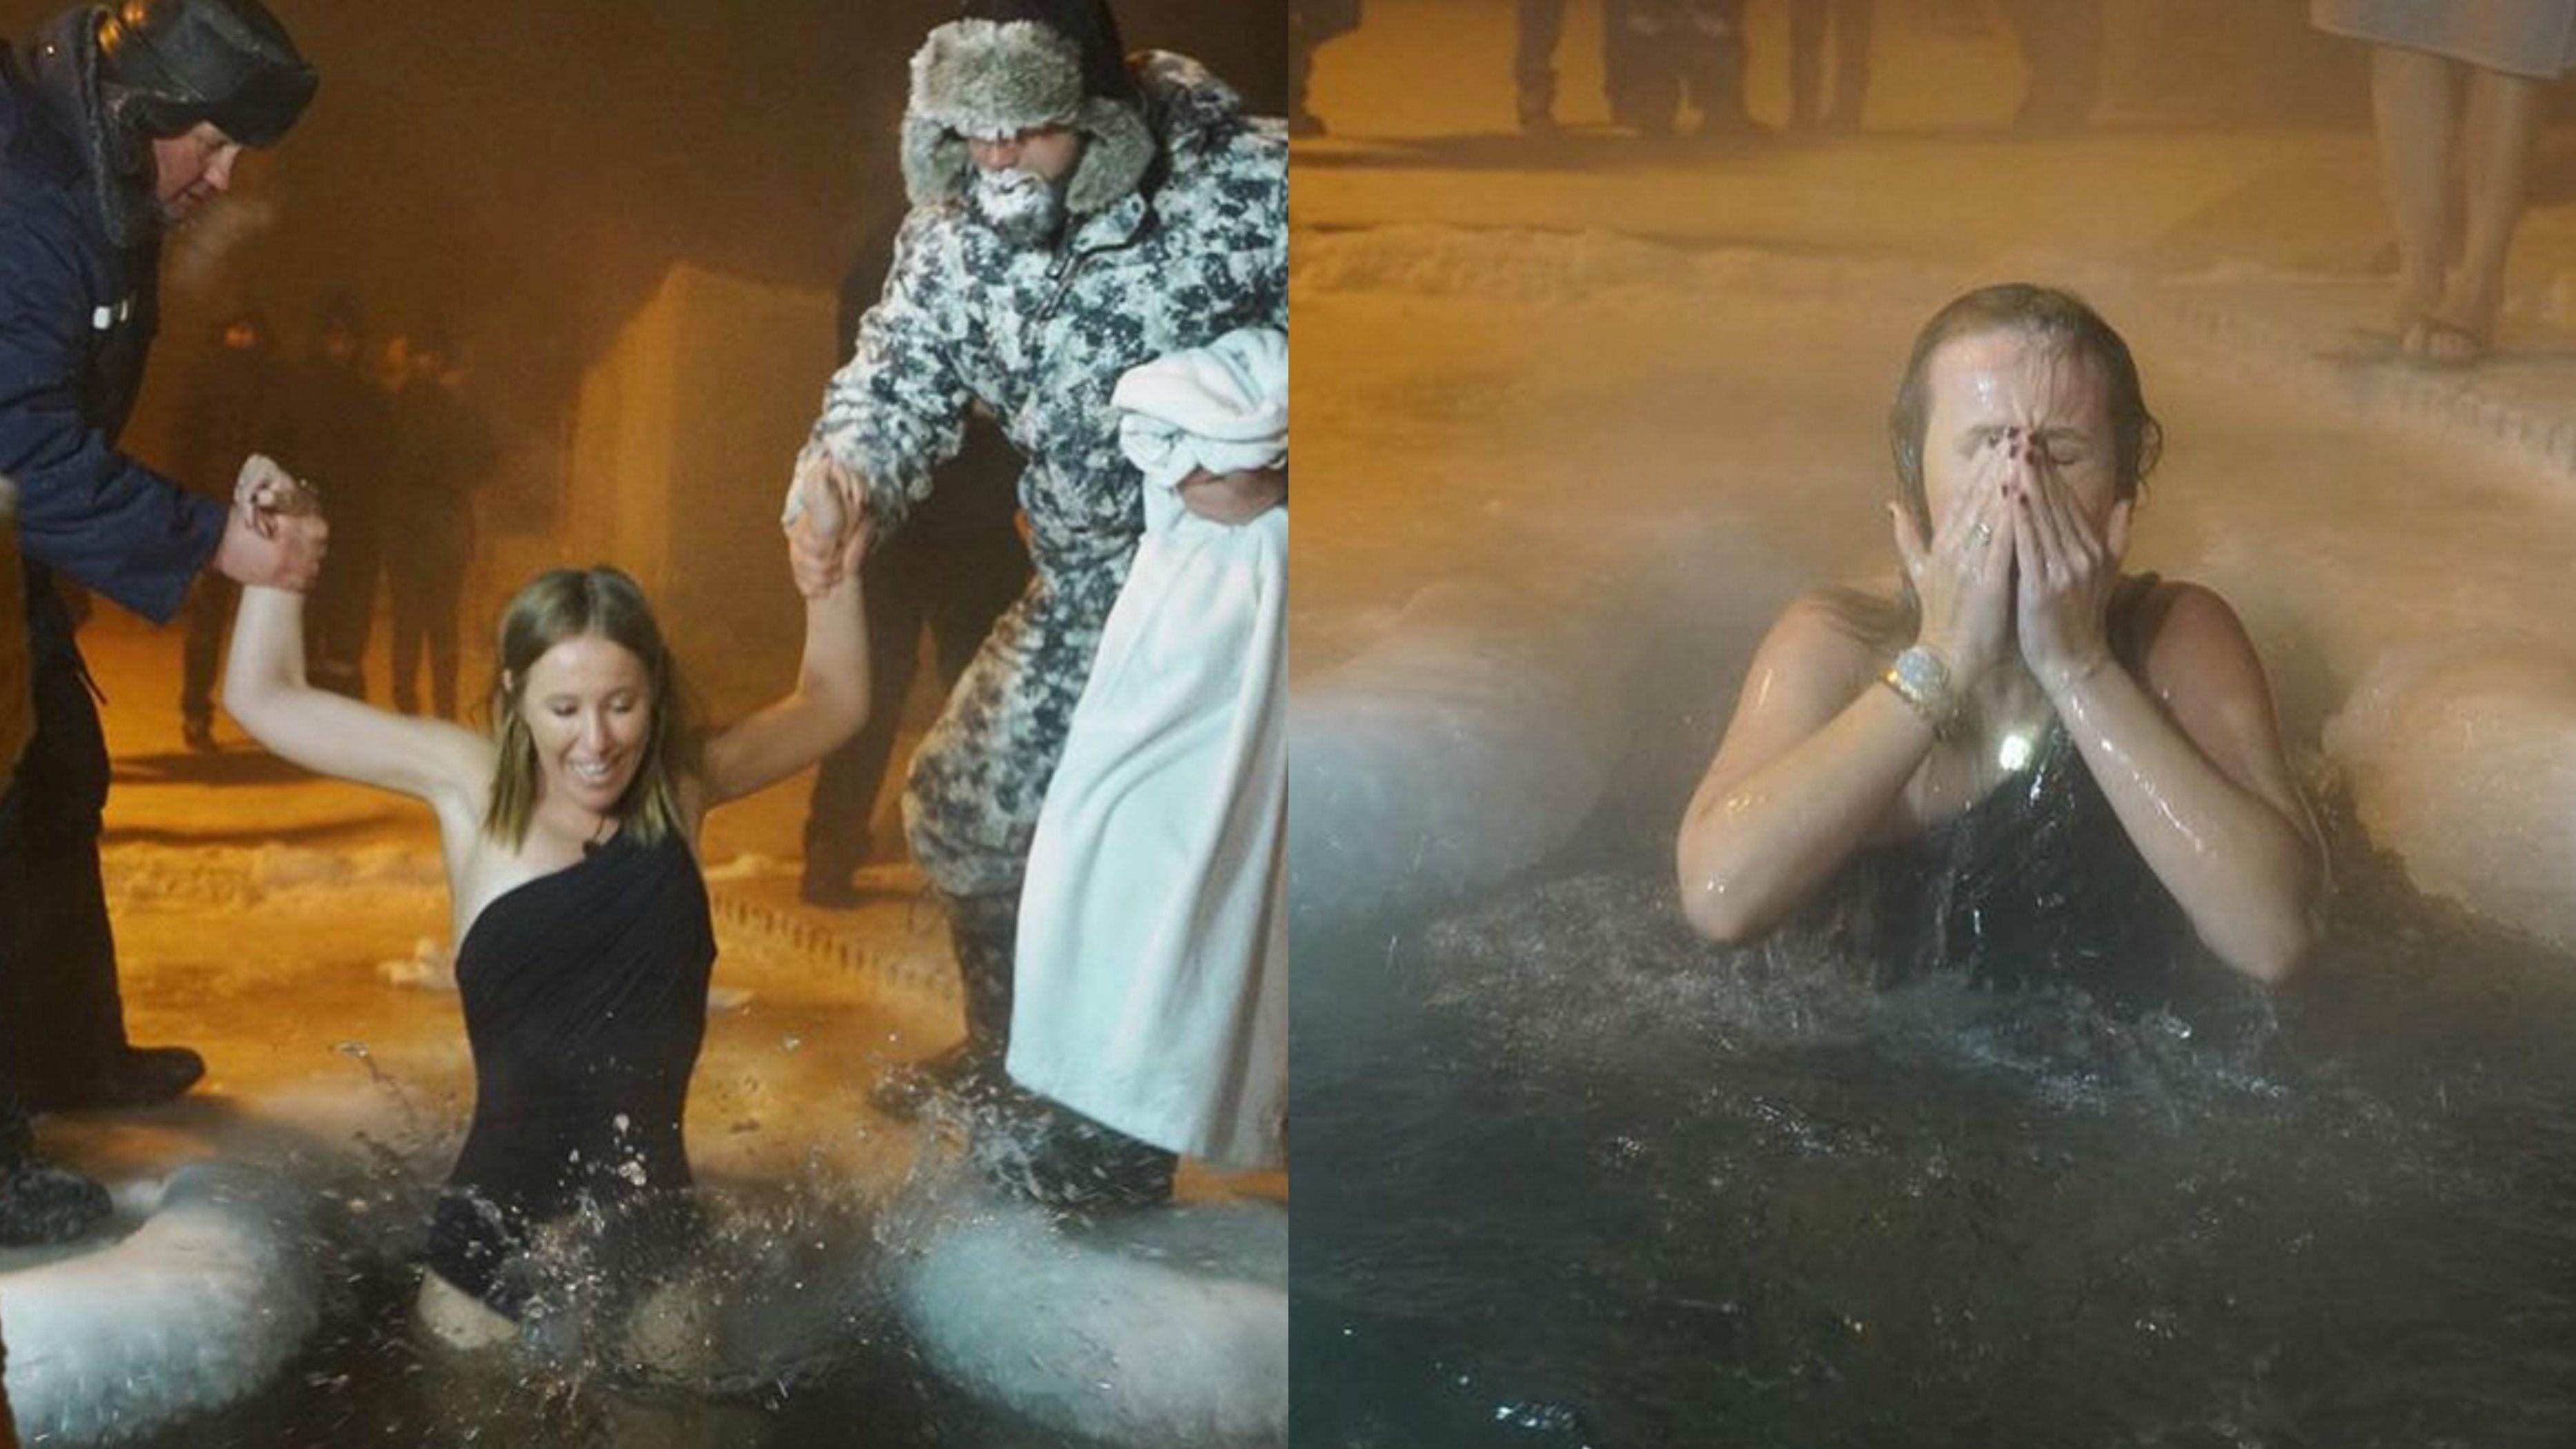 Крещенское купание: как правильно окунаться в ледяную воду